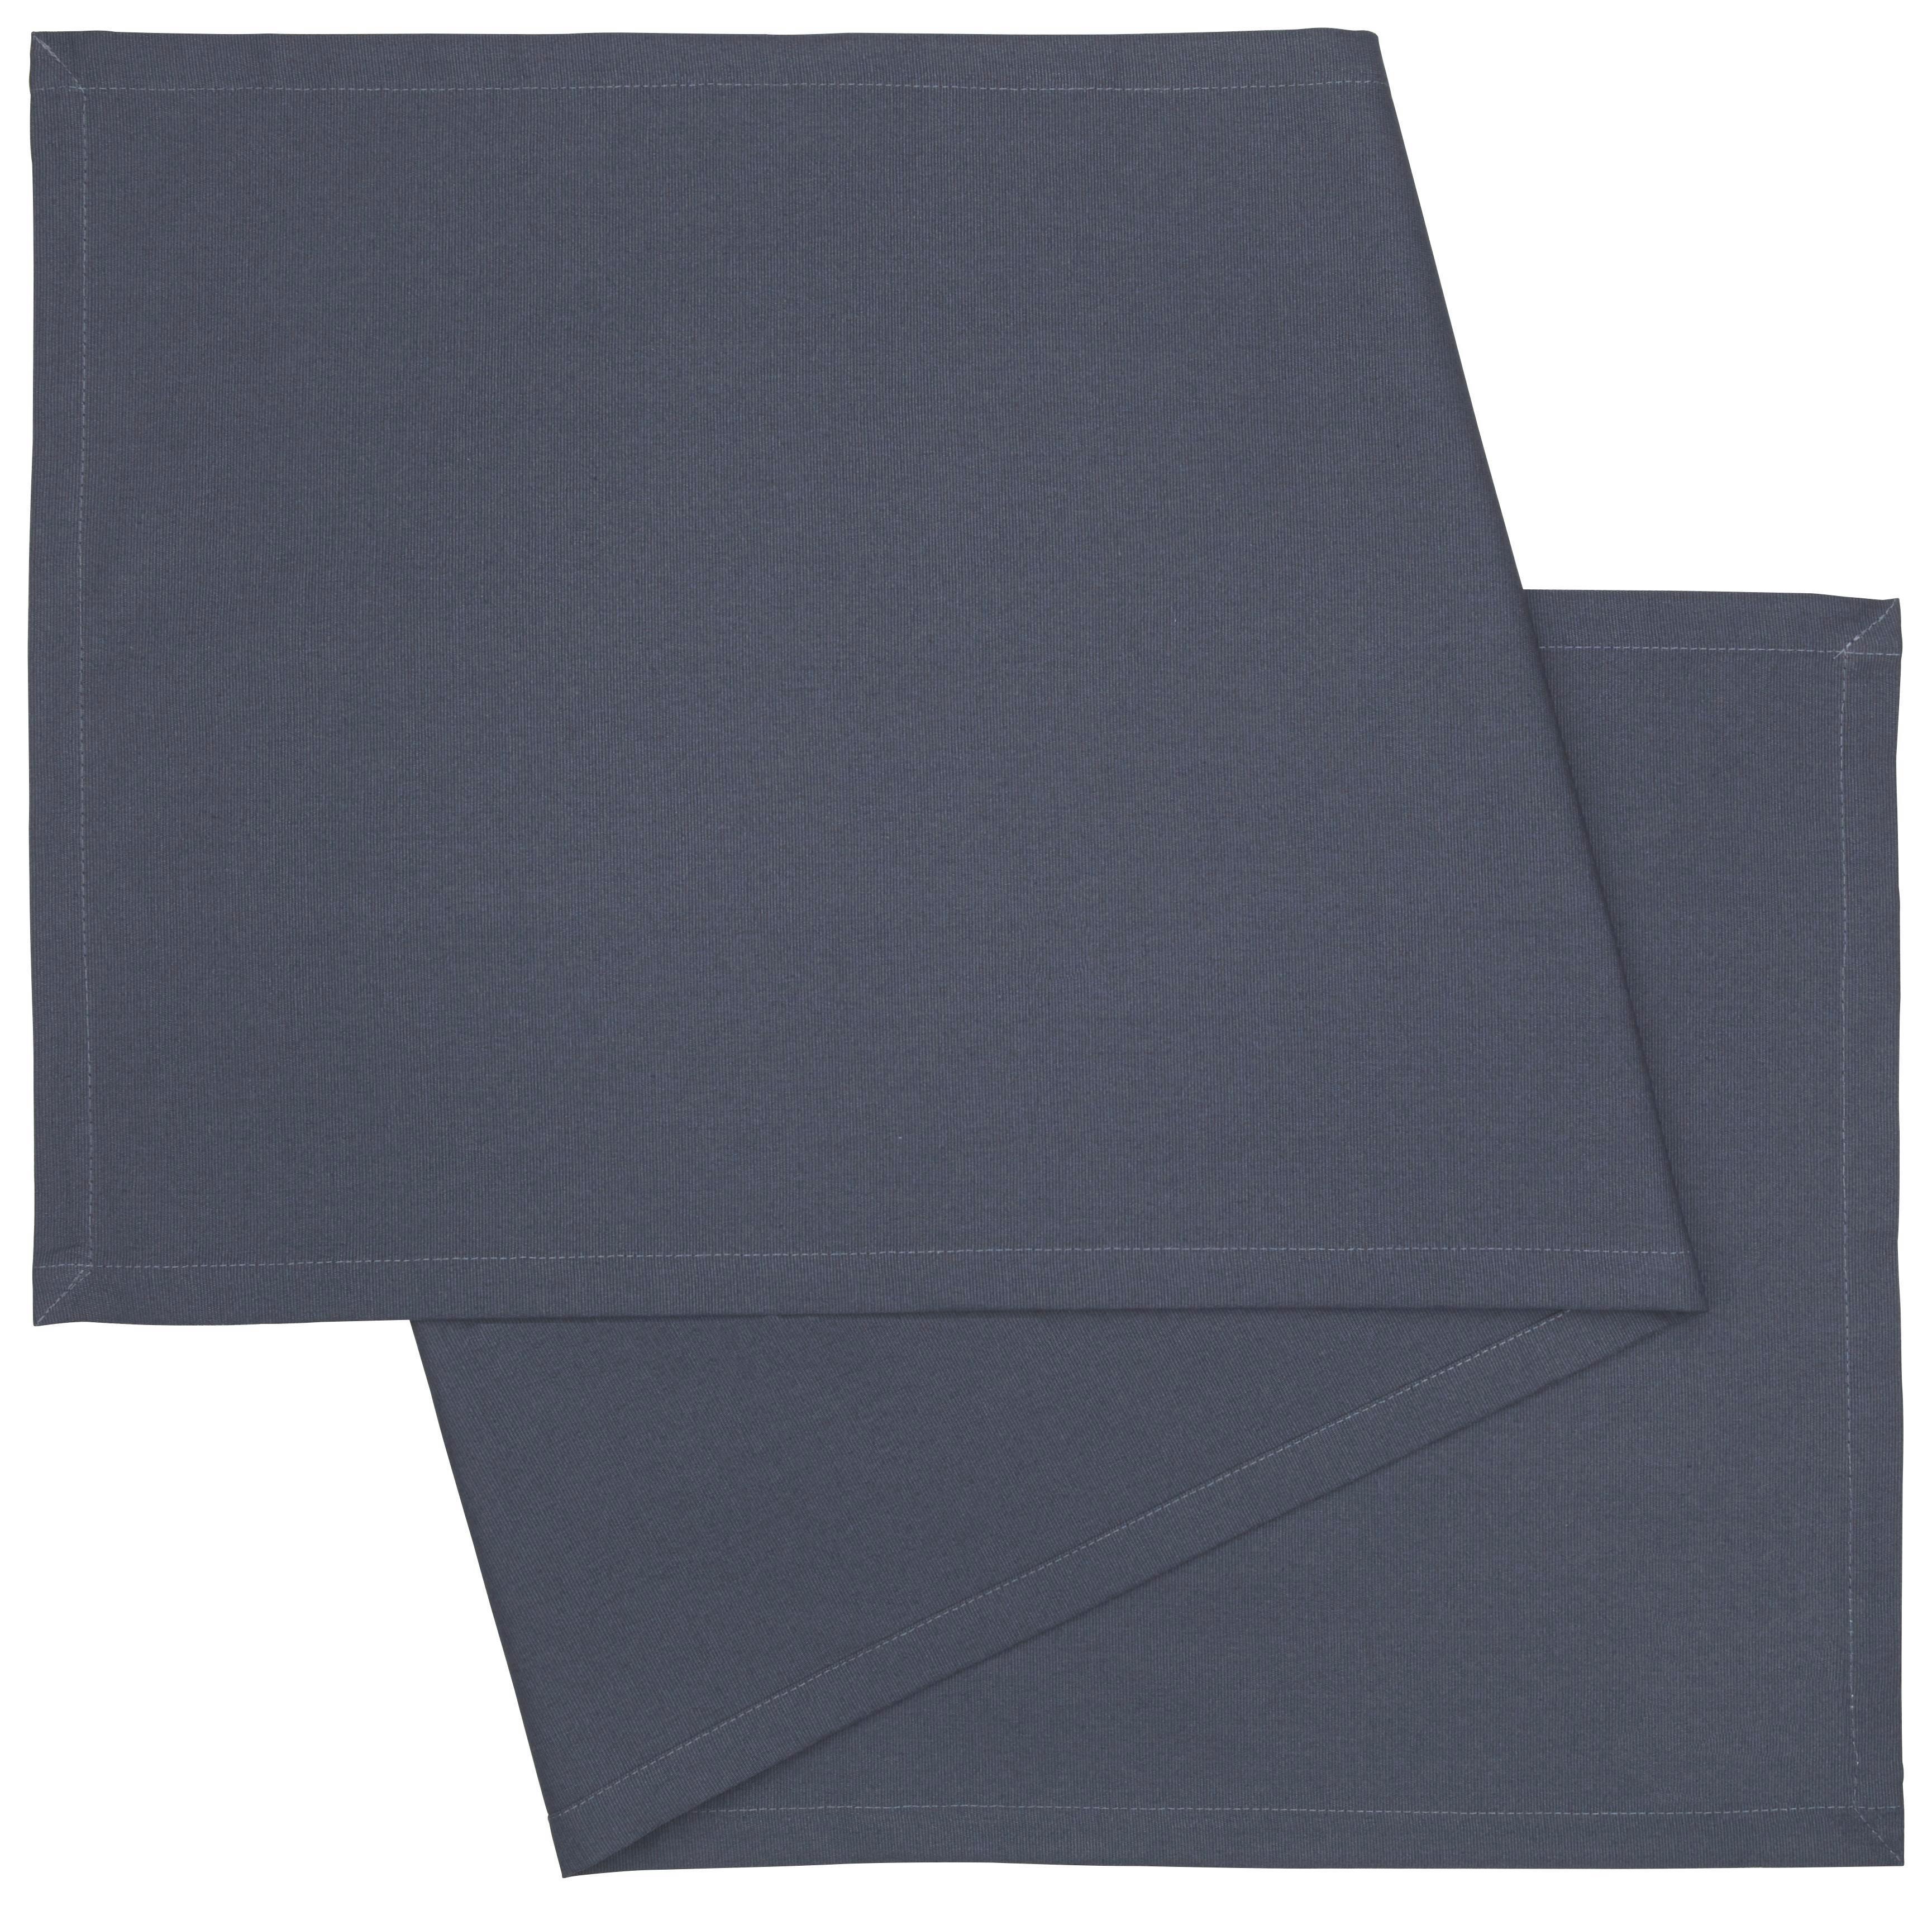 Asztali Futó Steffi Neu - sötétszürke, textil (45/150cm) - MÖMAX modern living